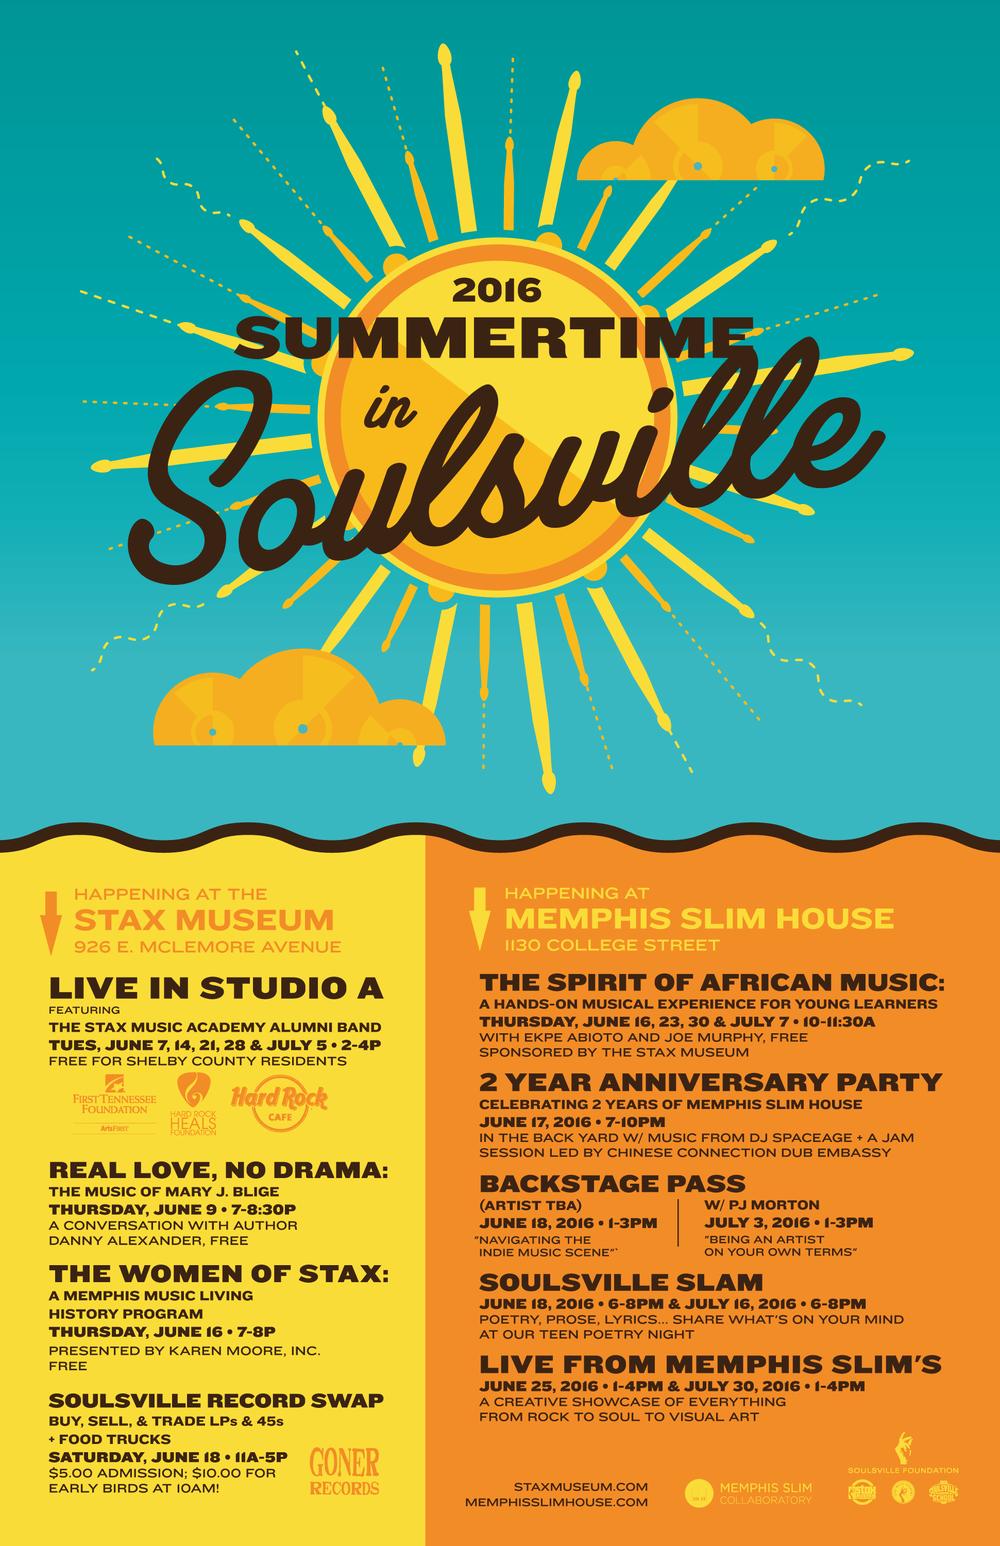 summertime-soulsville-web-big.png